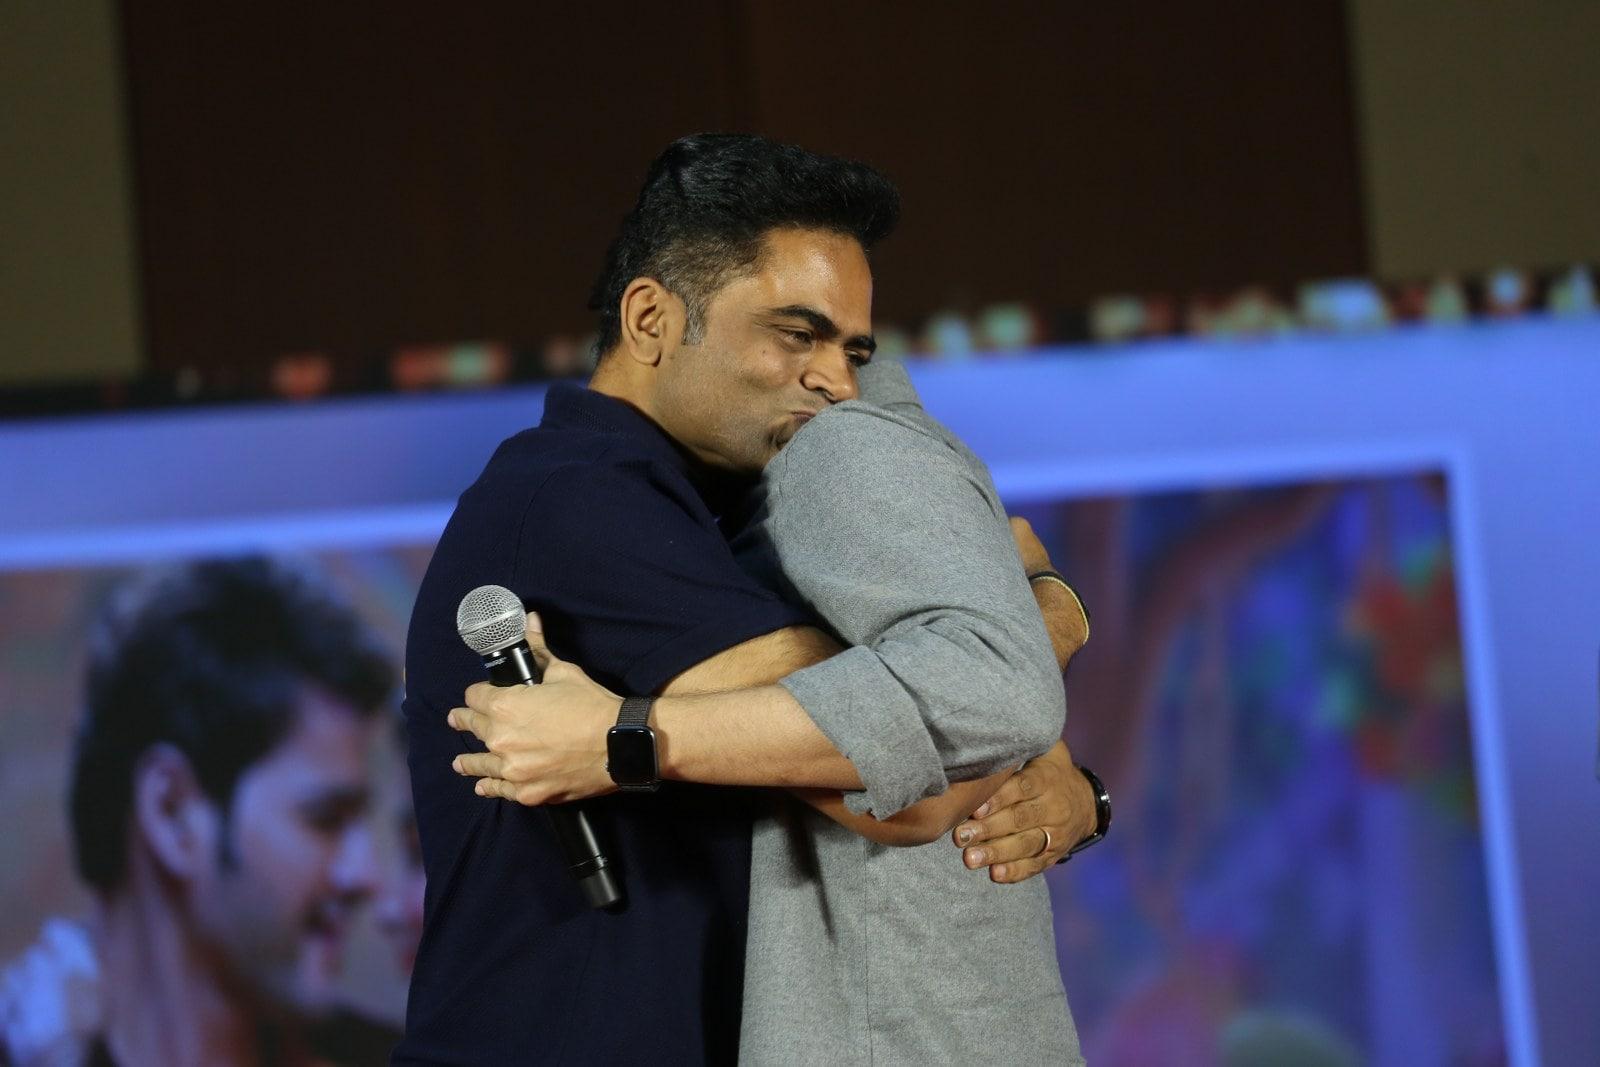 'మహర్షి' సక్సెస్ మీట్లో వంశీ, మహేష్..ఆలింగనం